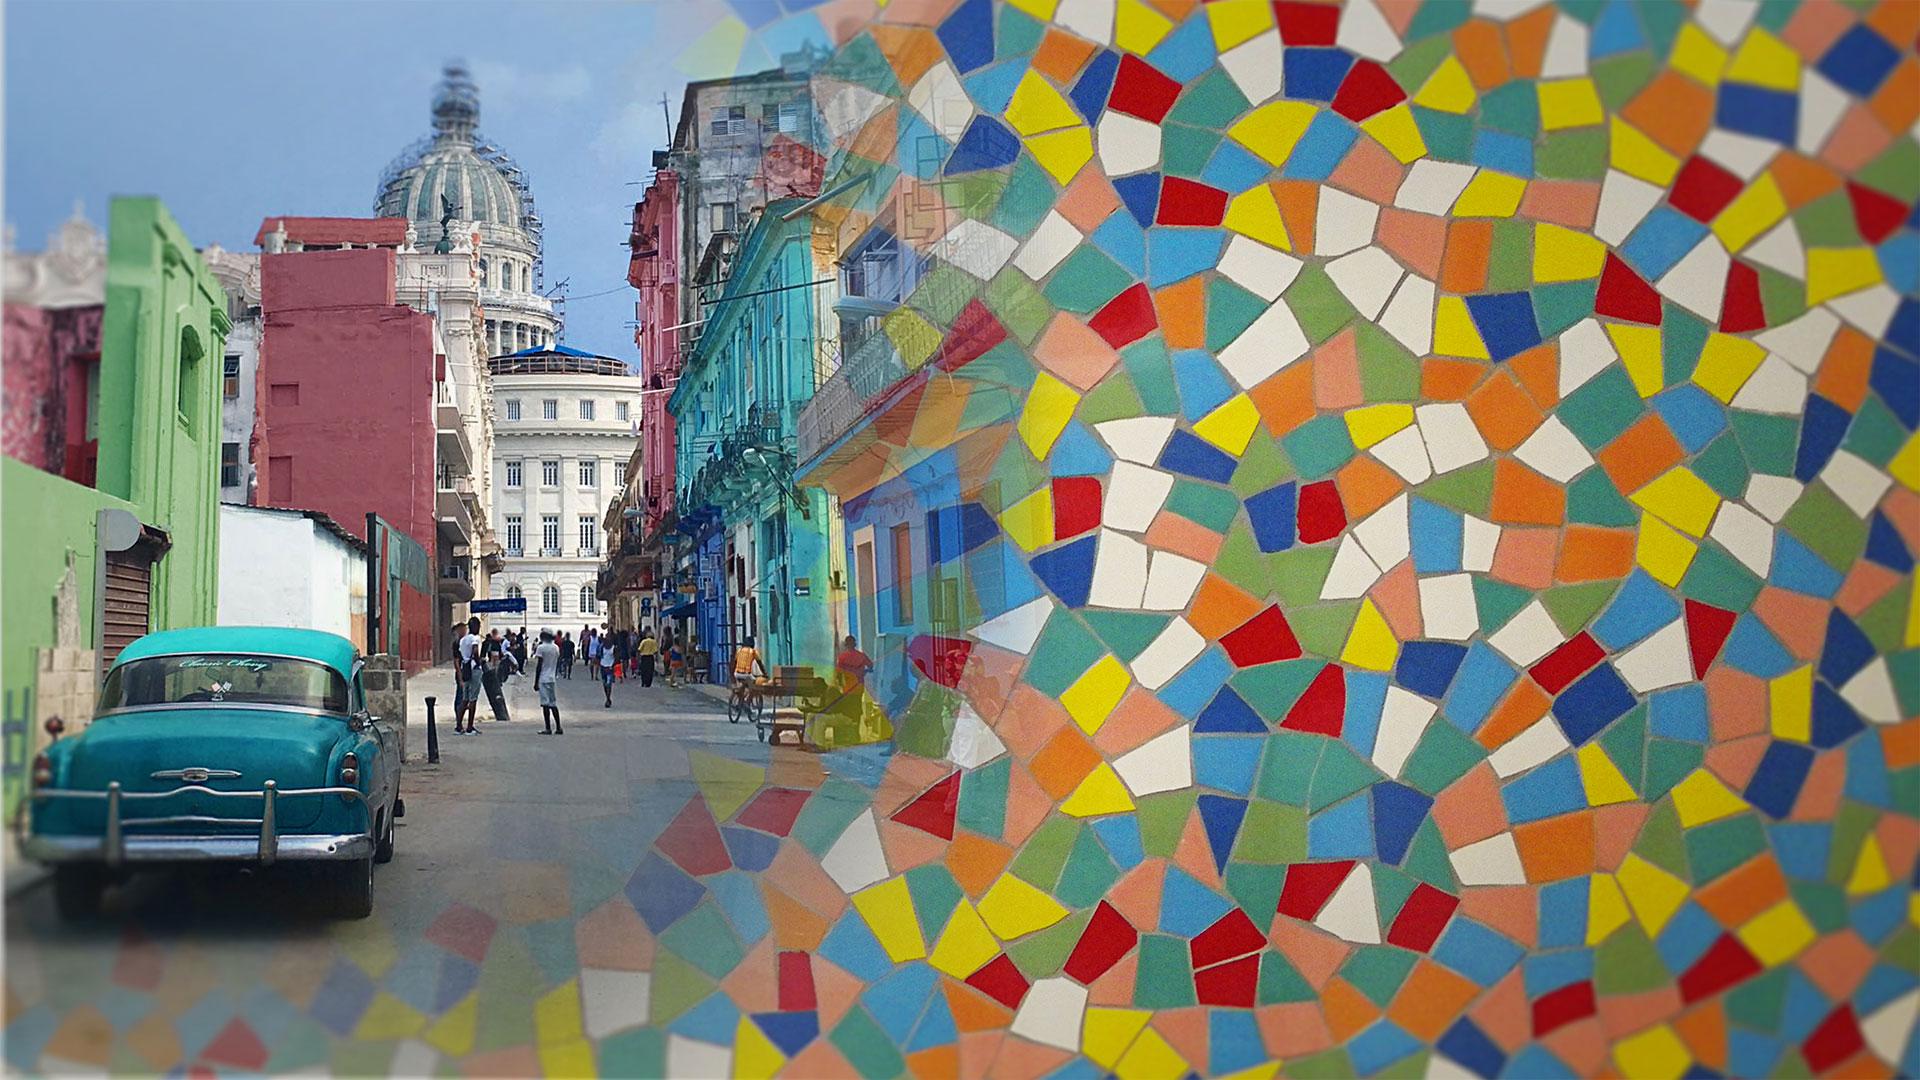 trencadis-serie-prisma-ona-mosaico